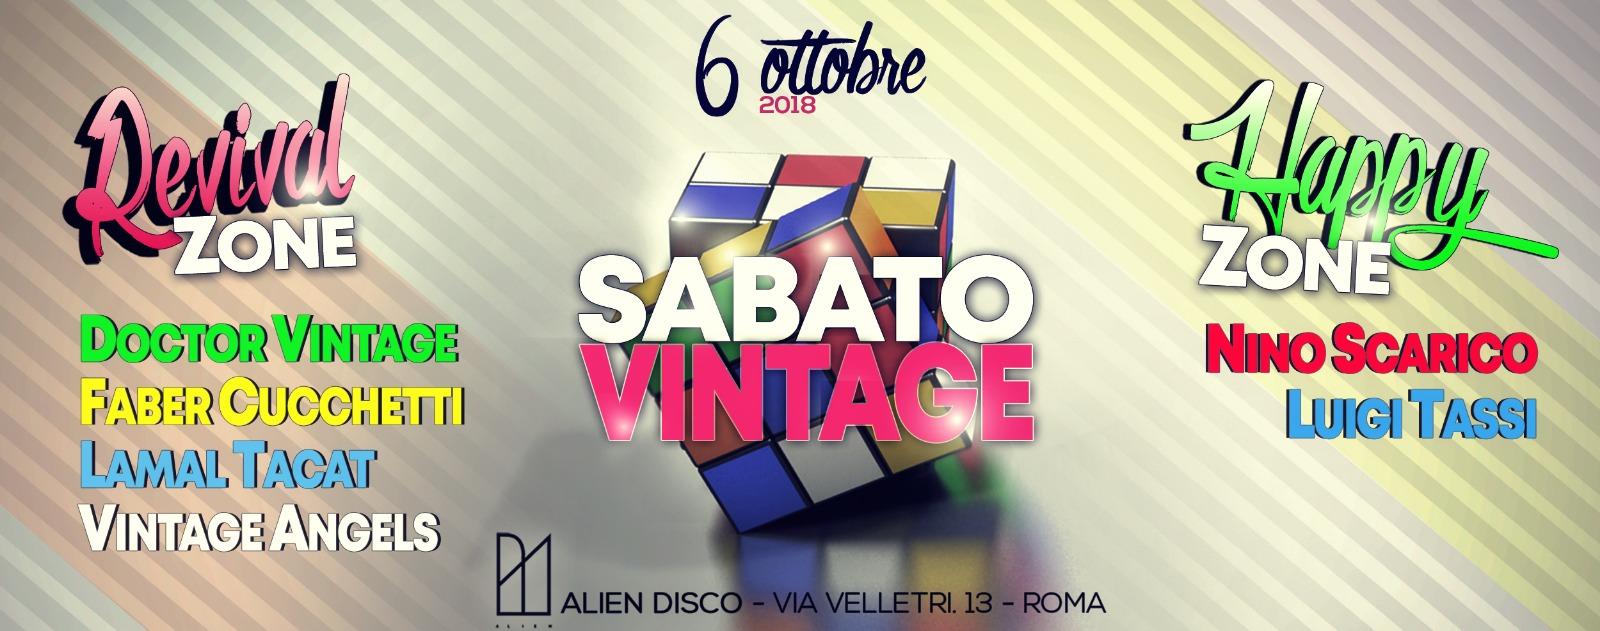 Discoteca Alien Roma Inaugurazione sabato 6 ottobre 2018: Cose di un altro pianeta!